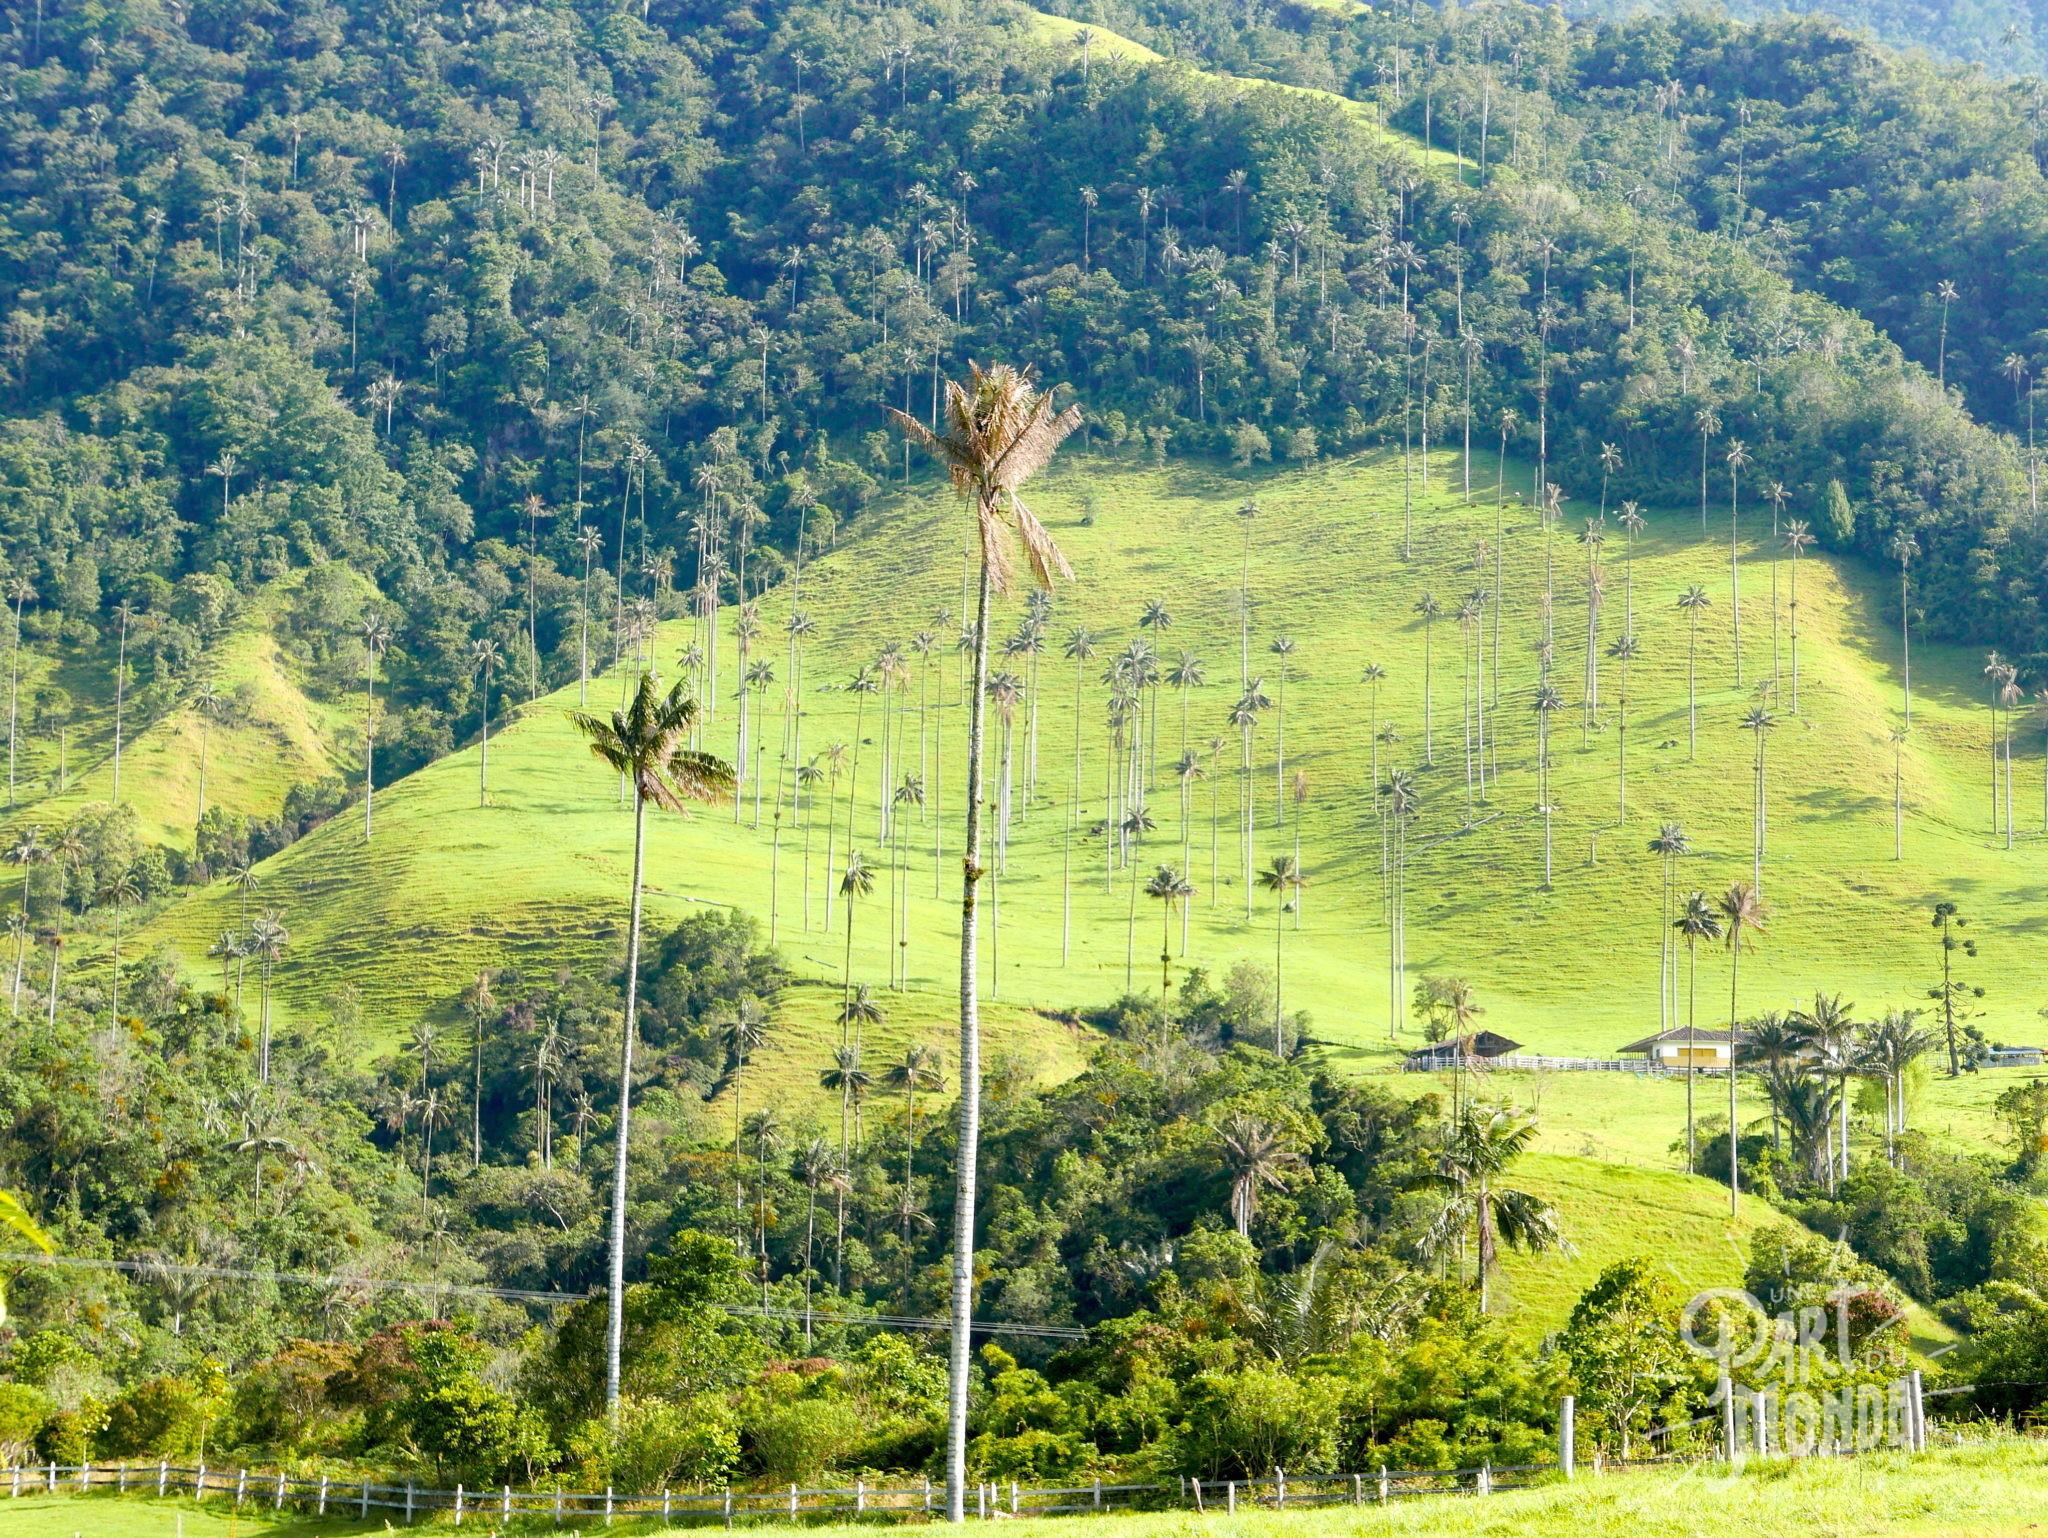 La Vallée de Cocora 7 mois de voyage